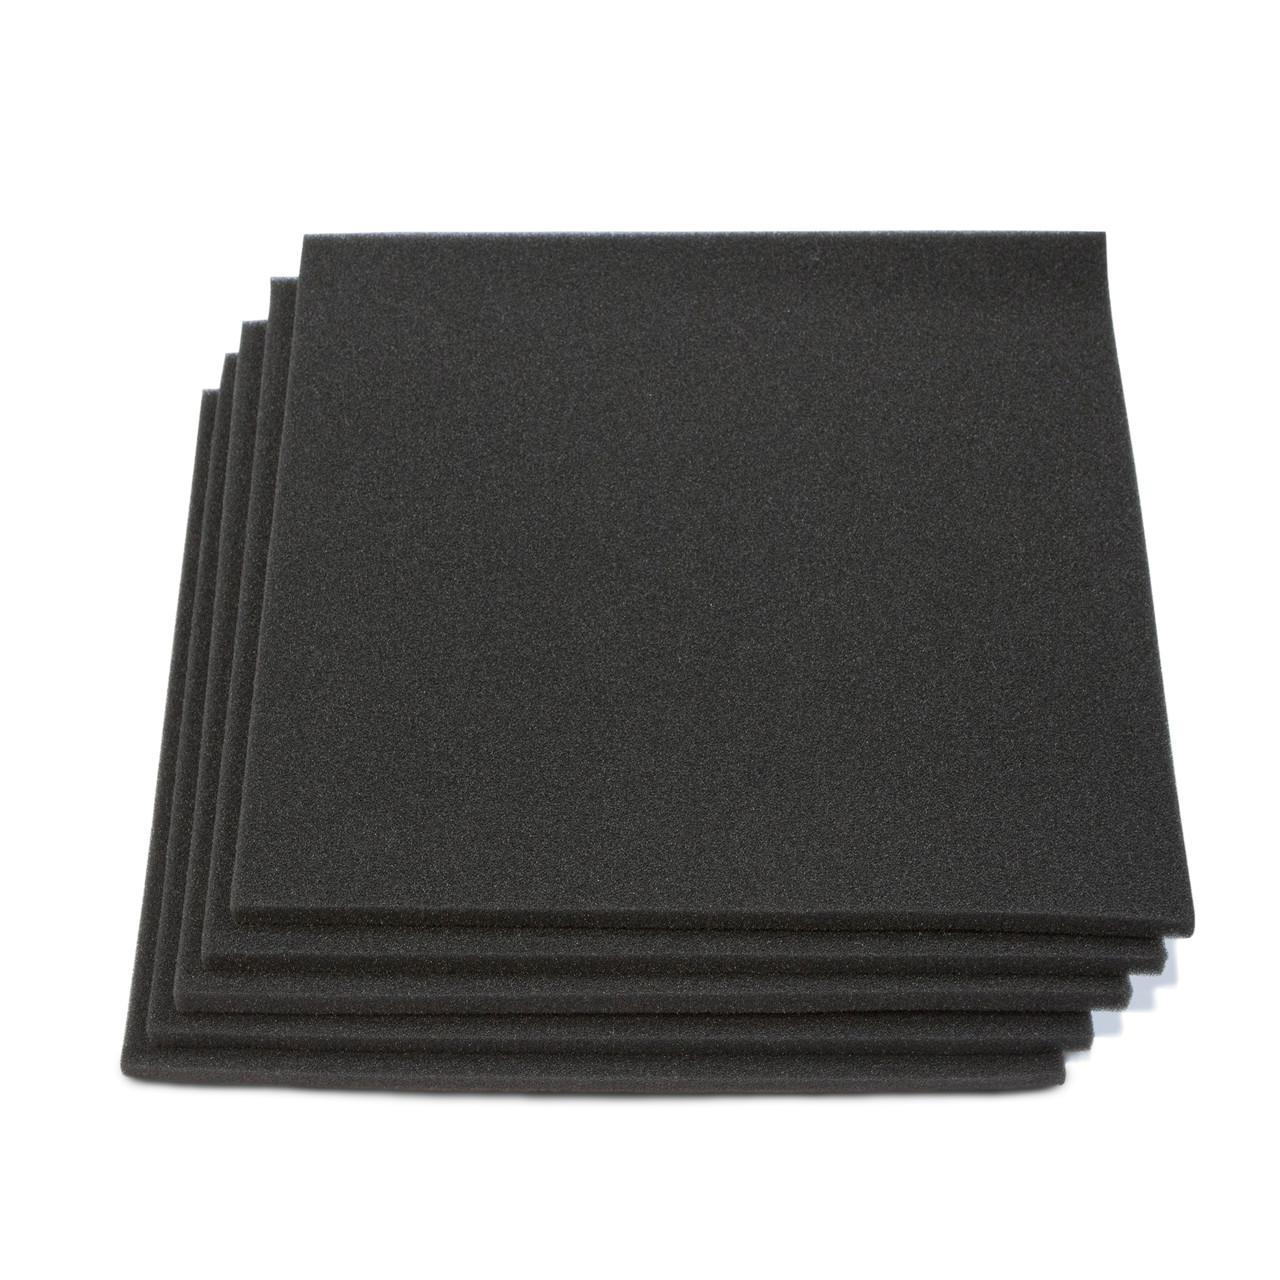 SILA Grovfilter vaskbart t/1000A3 (5) - Mærker Klima -> Luftrenser Klima Mærker -> Sila